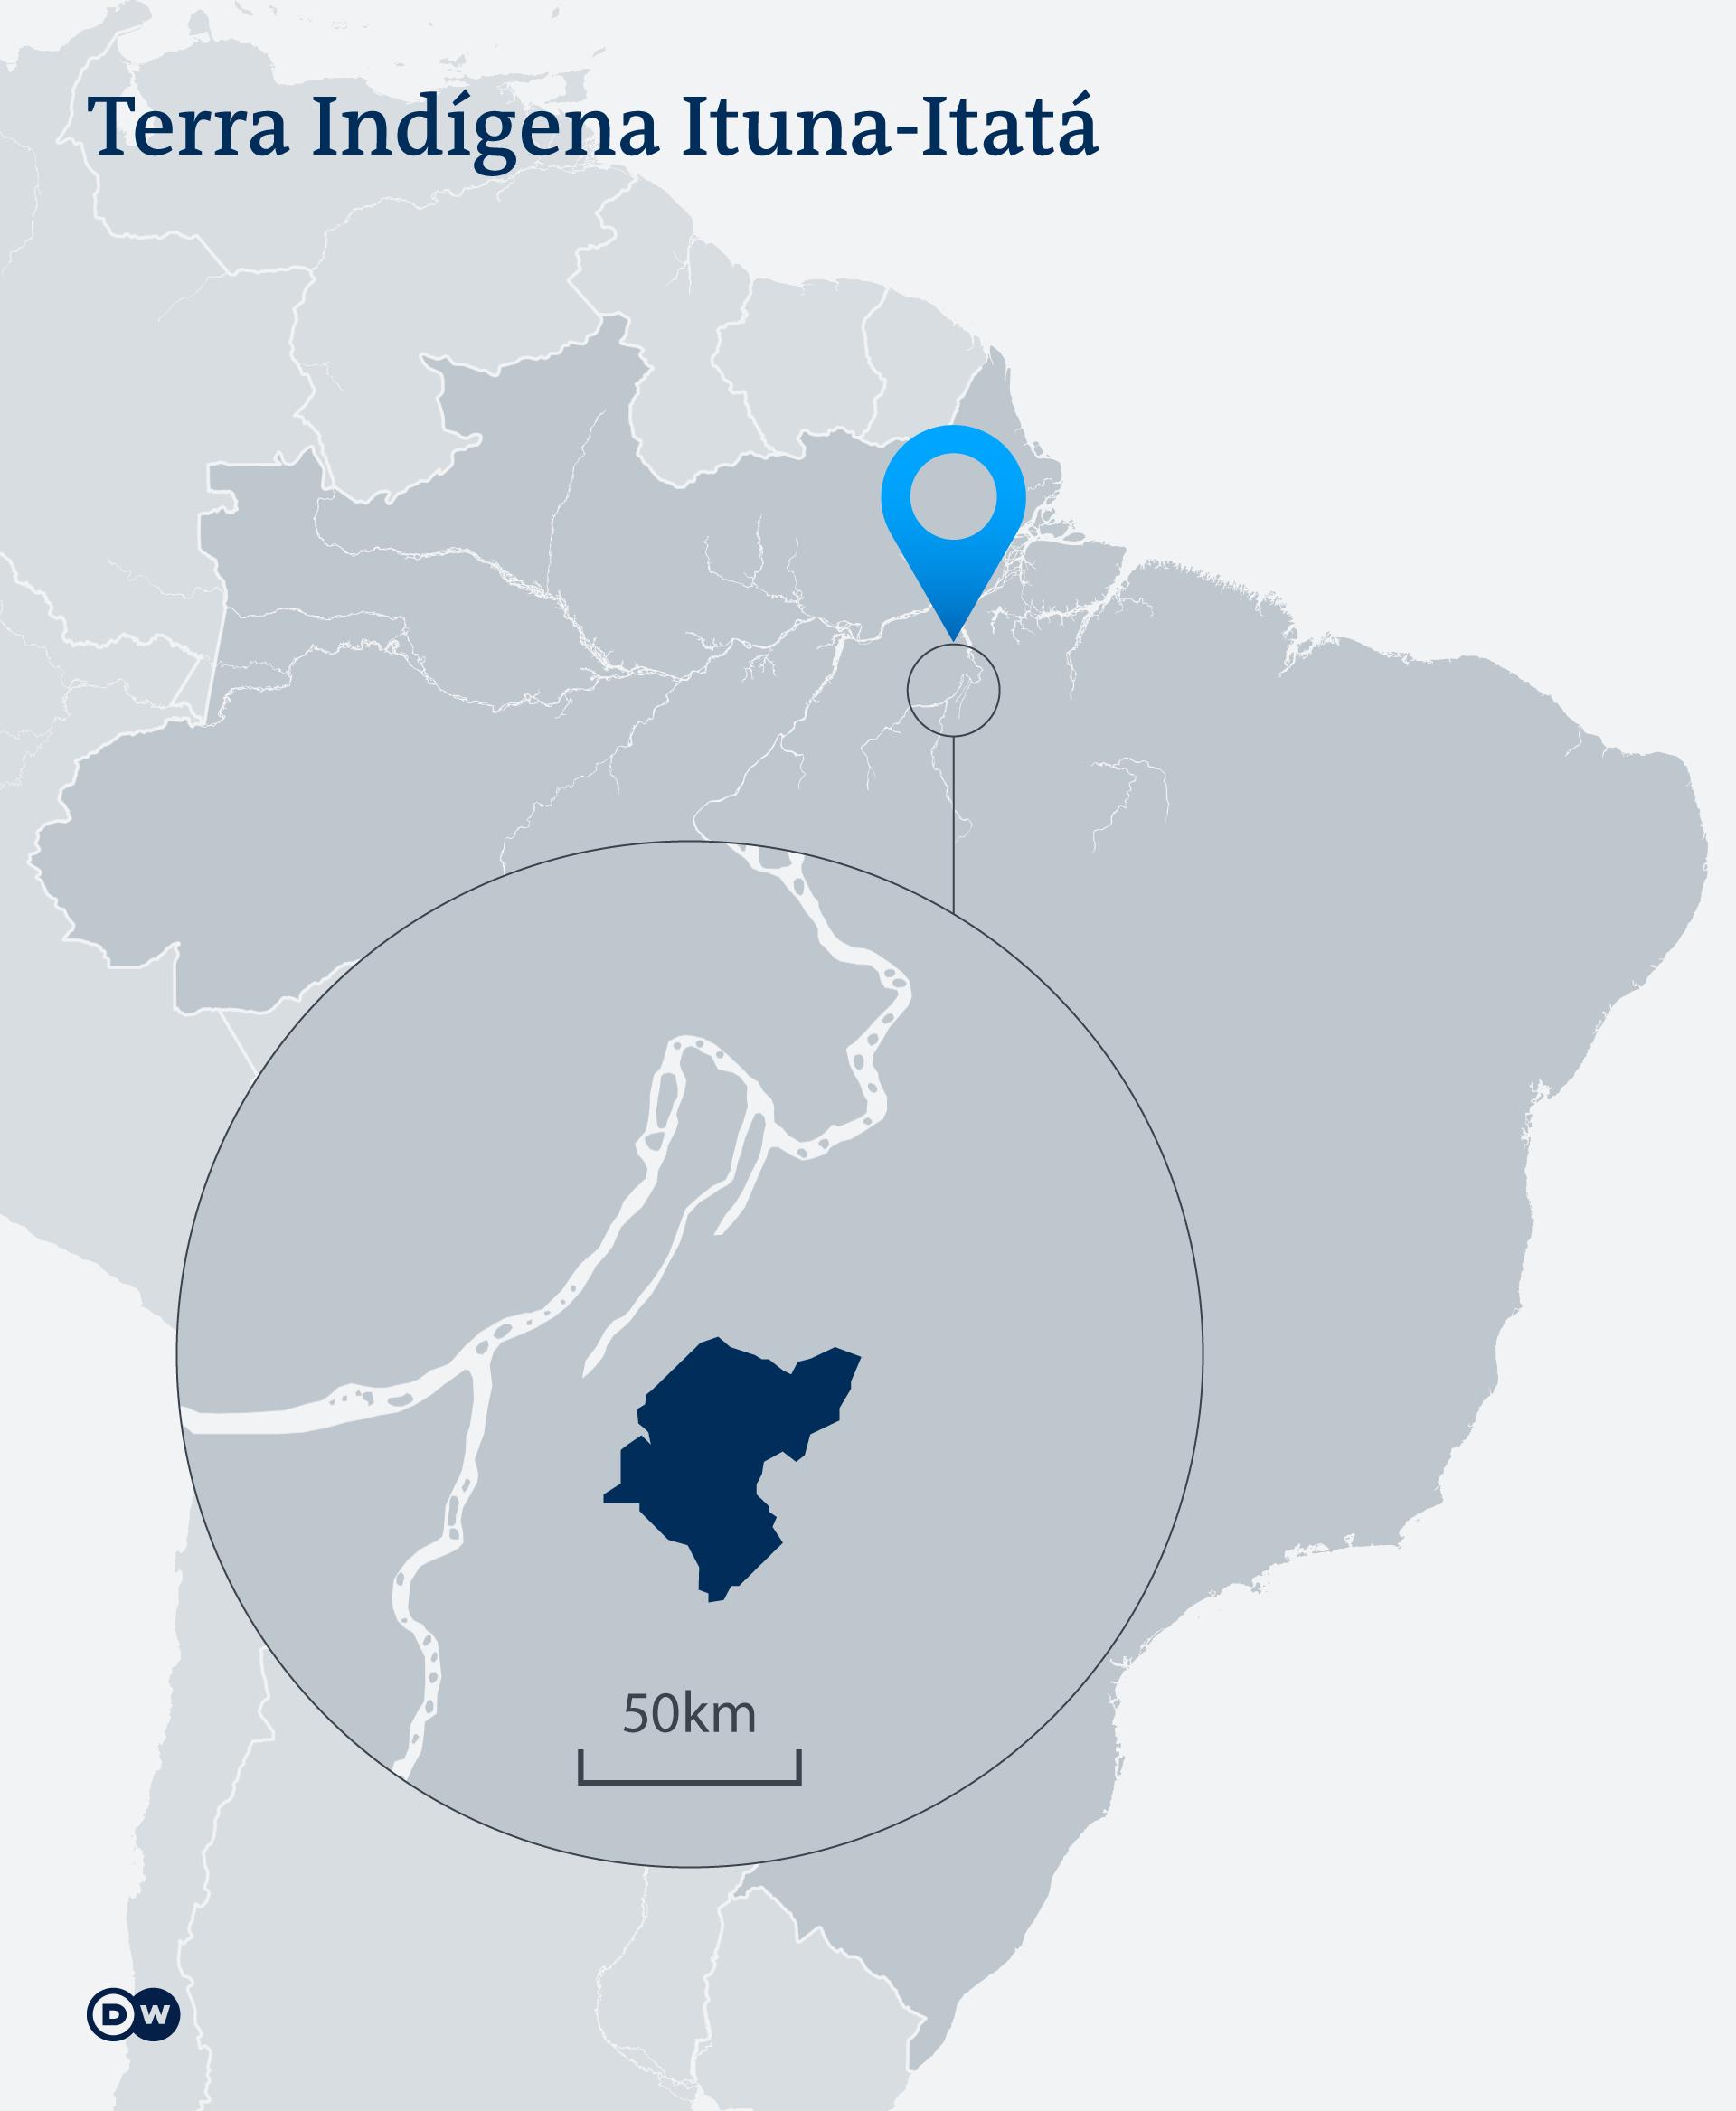 Infografik Karte Ituna Itata PT